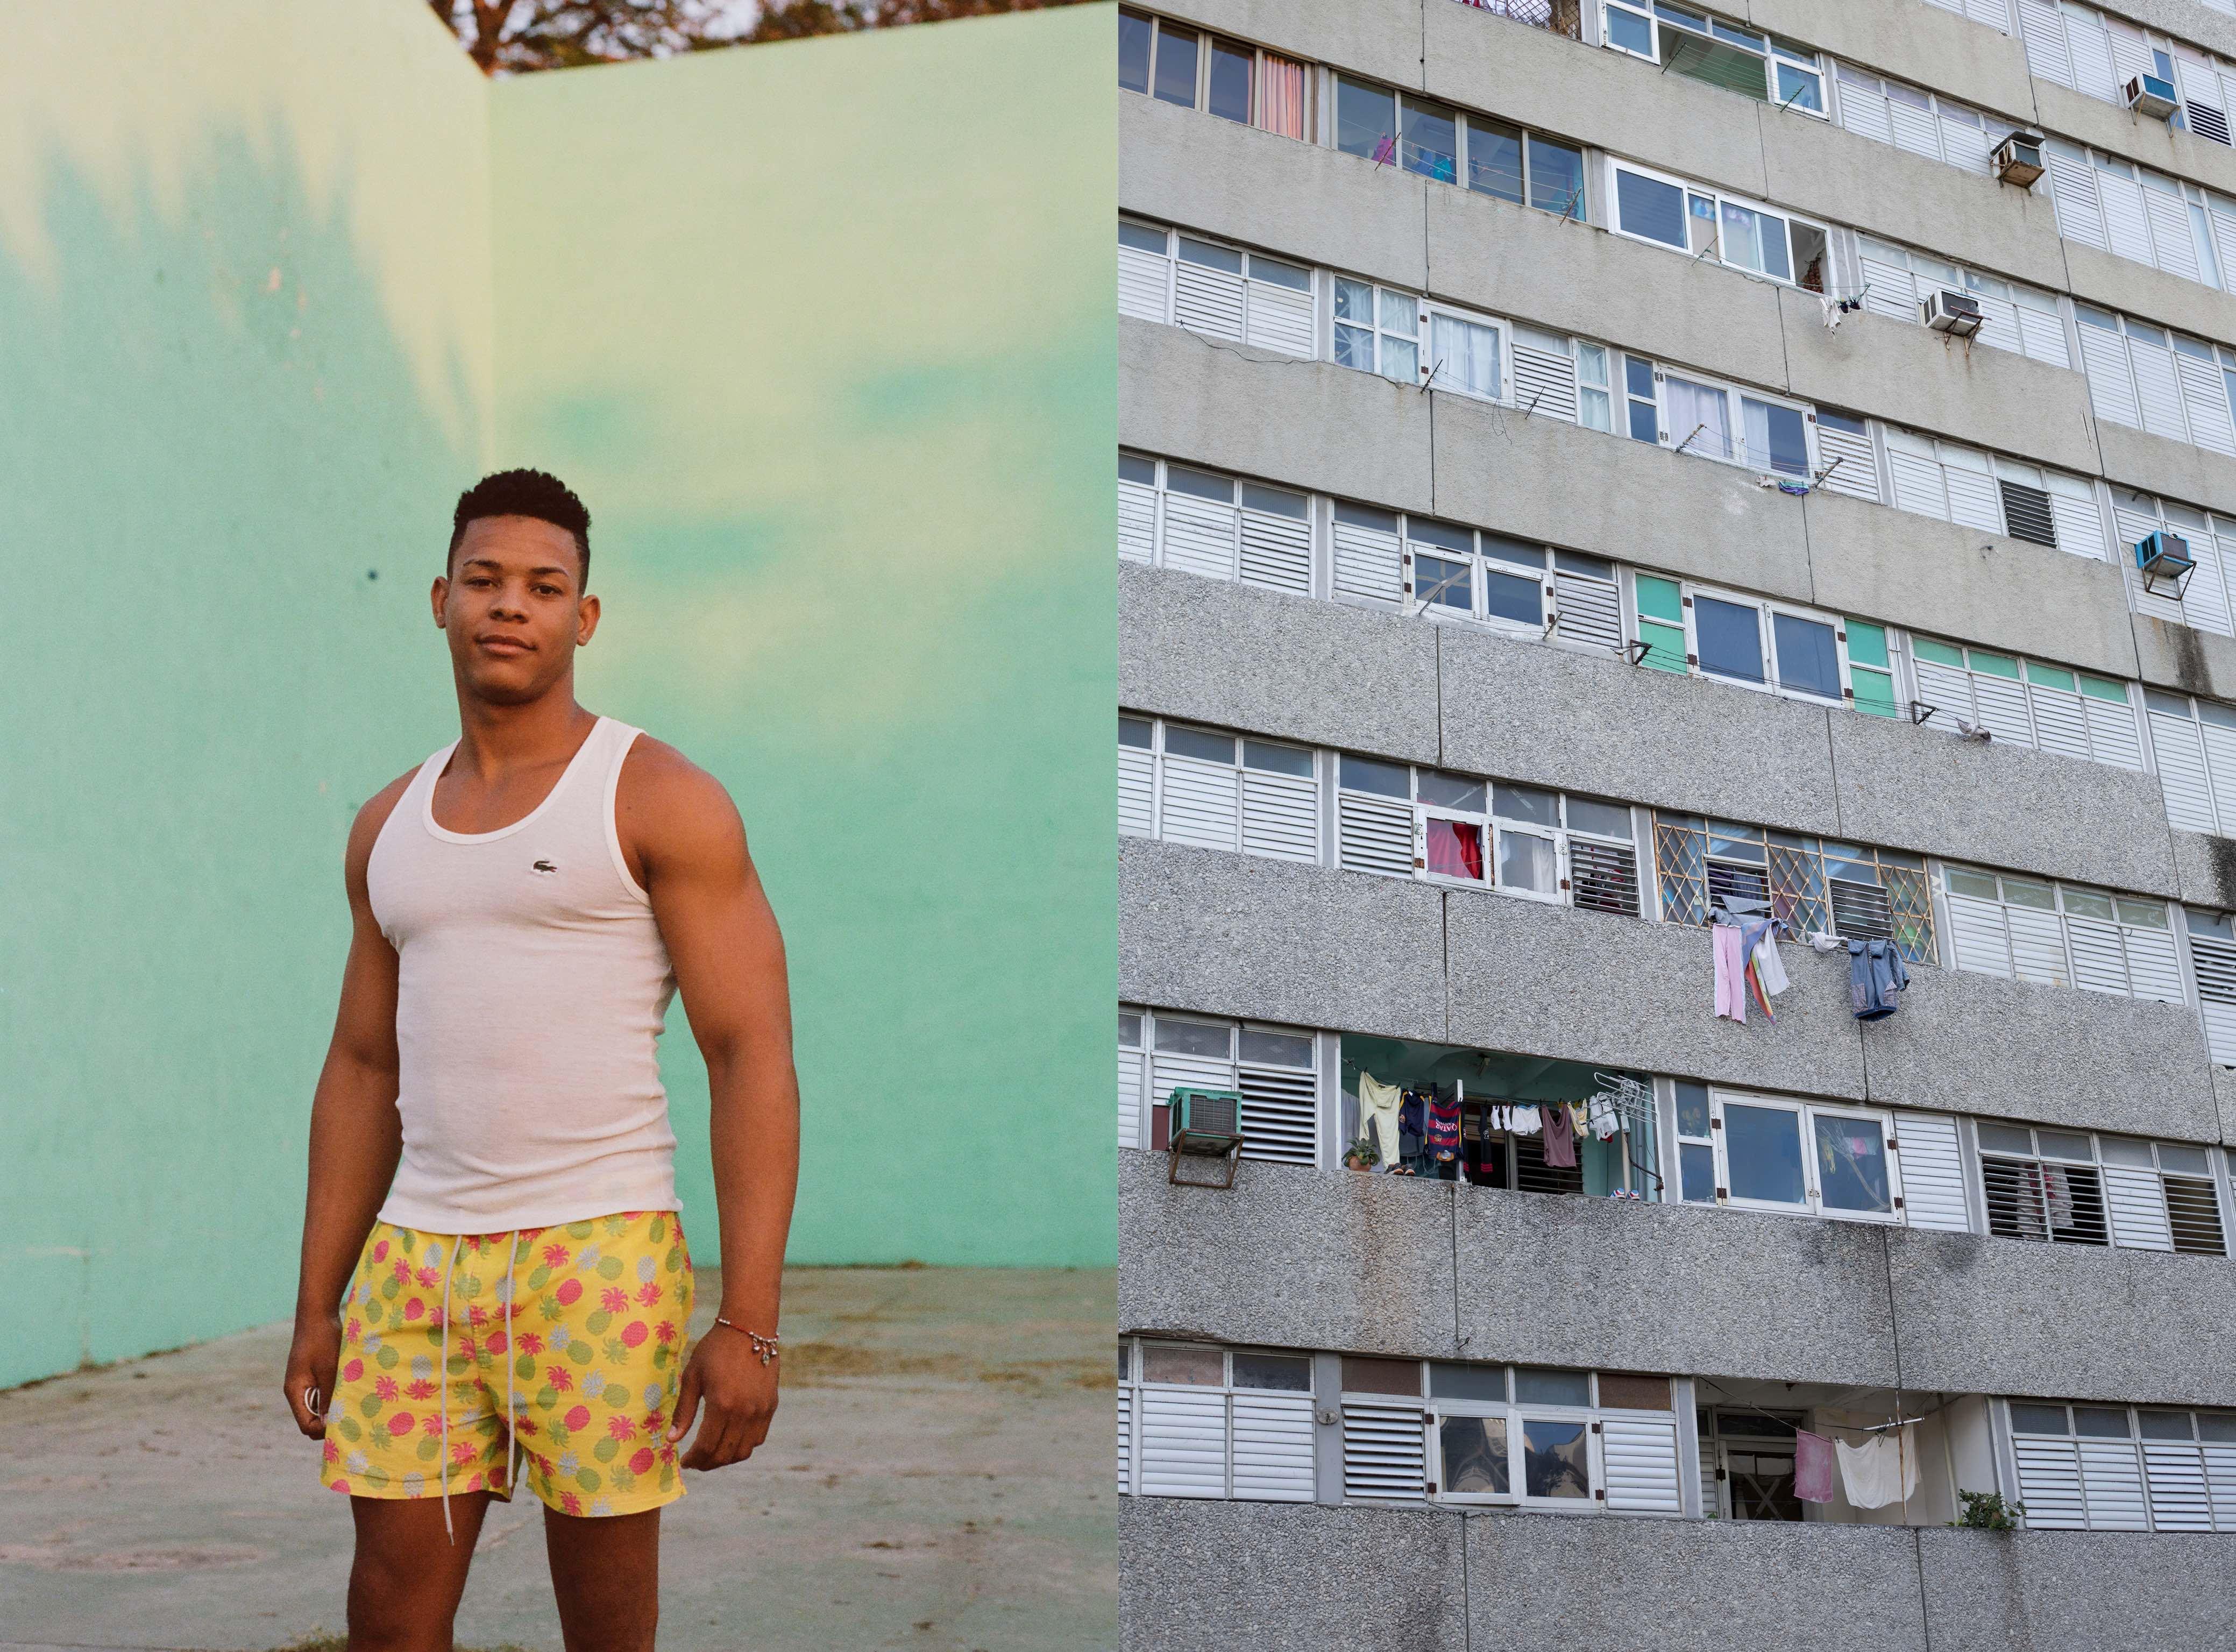 Habanaboy – Joshua Osborne 9